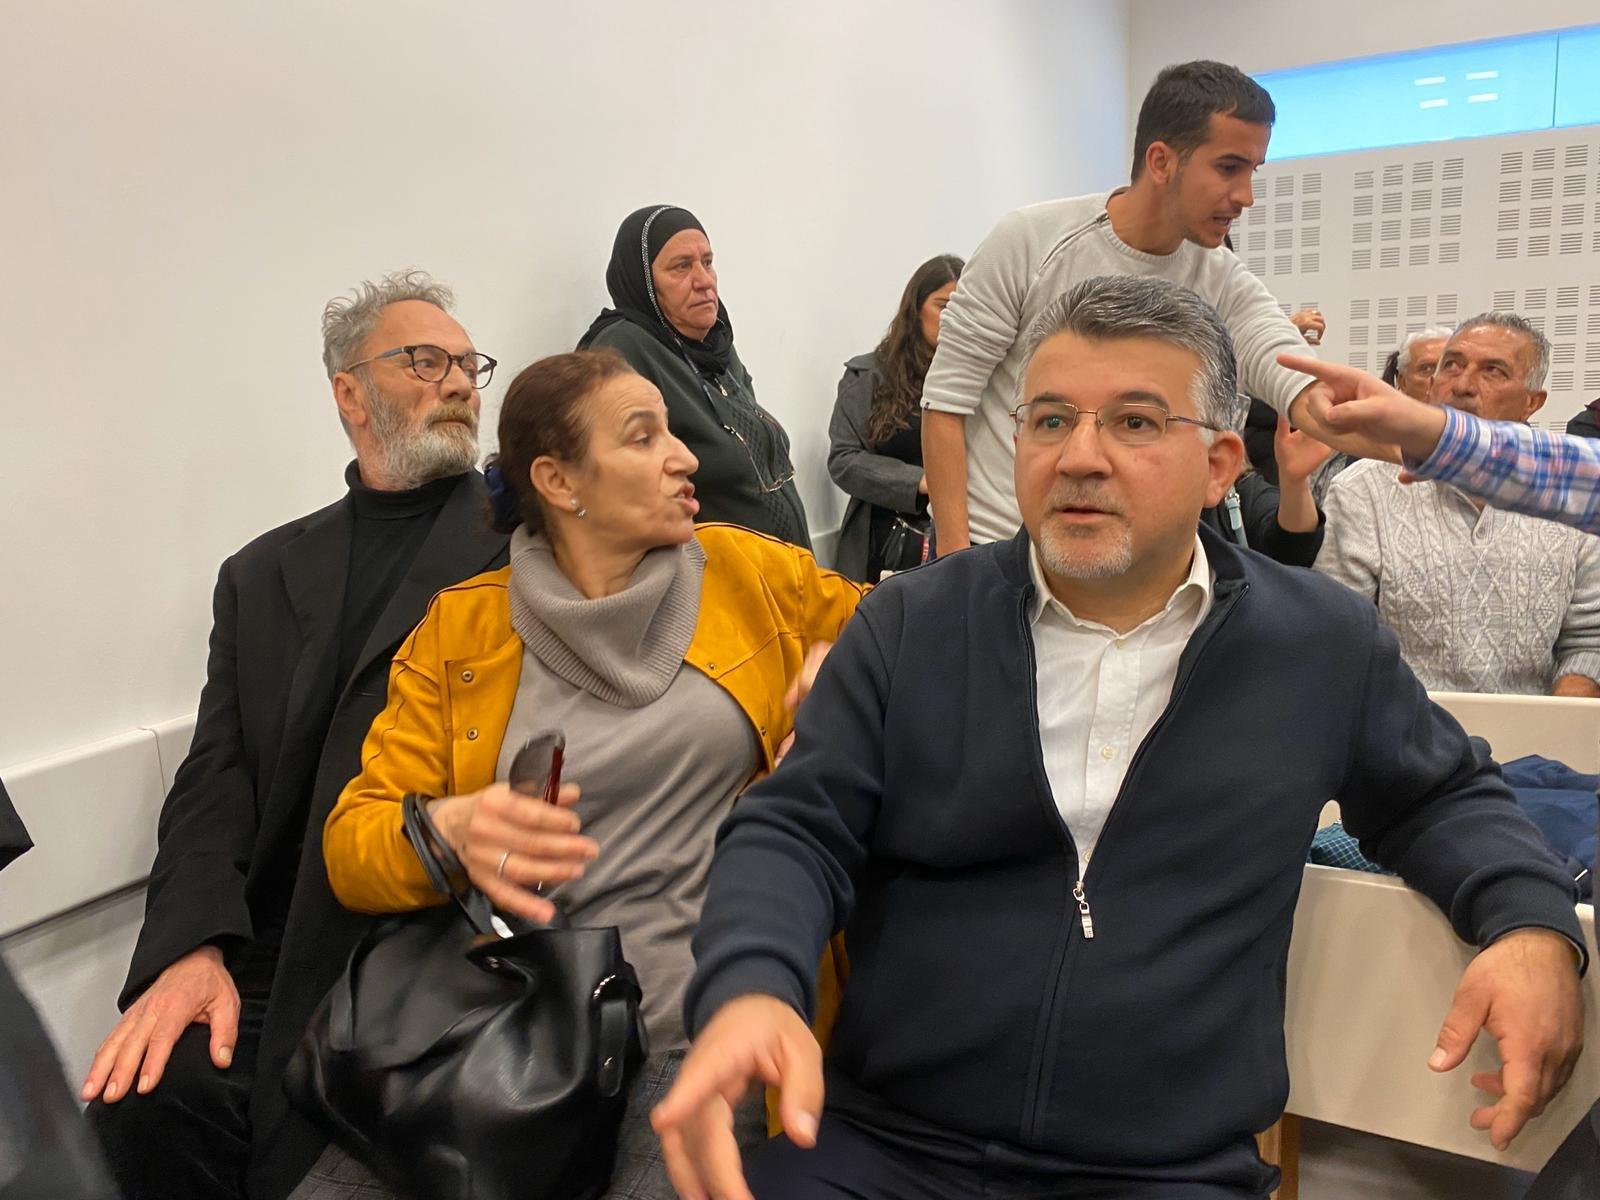 بدء المداولات في المحكمة ضد الفنان محمد بكري